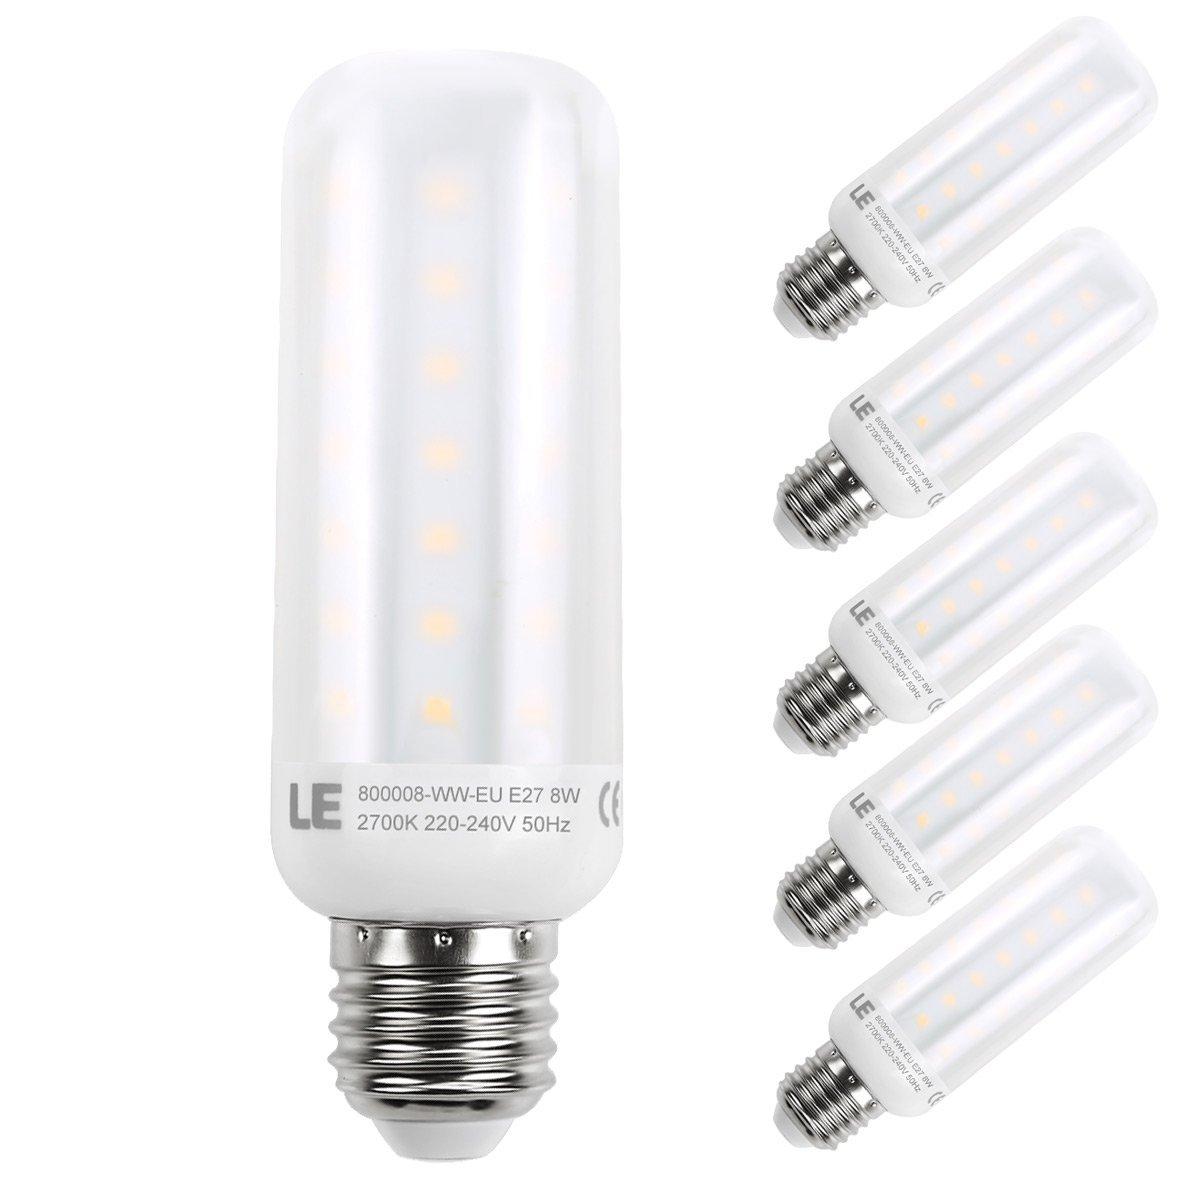 8W E27 LED Maiskolben, 810lm Maisbirne, 360° Strahler, Ersatz für 60W Glühlampe, Warmwei?, 5er Pack